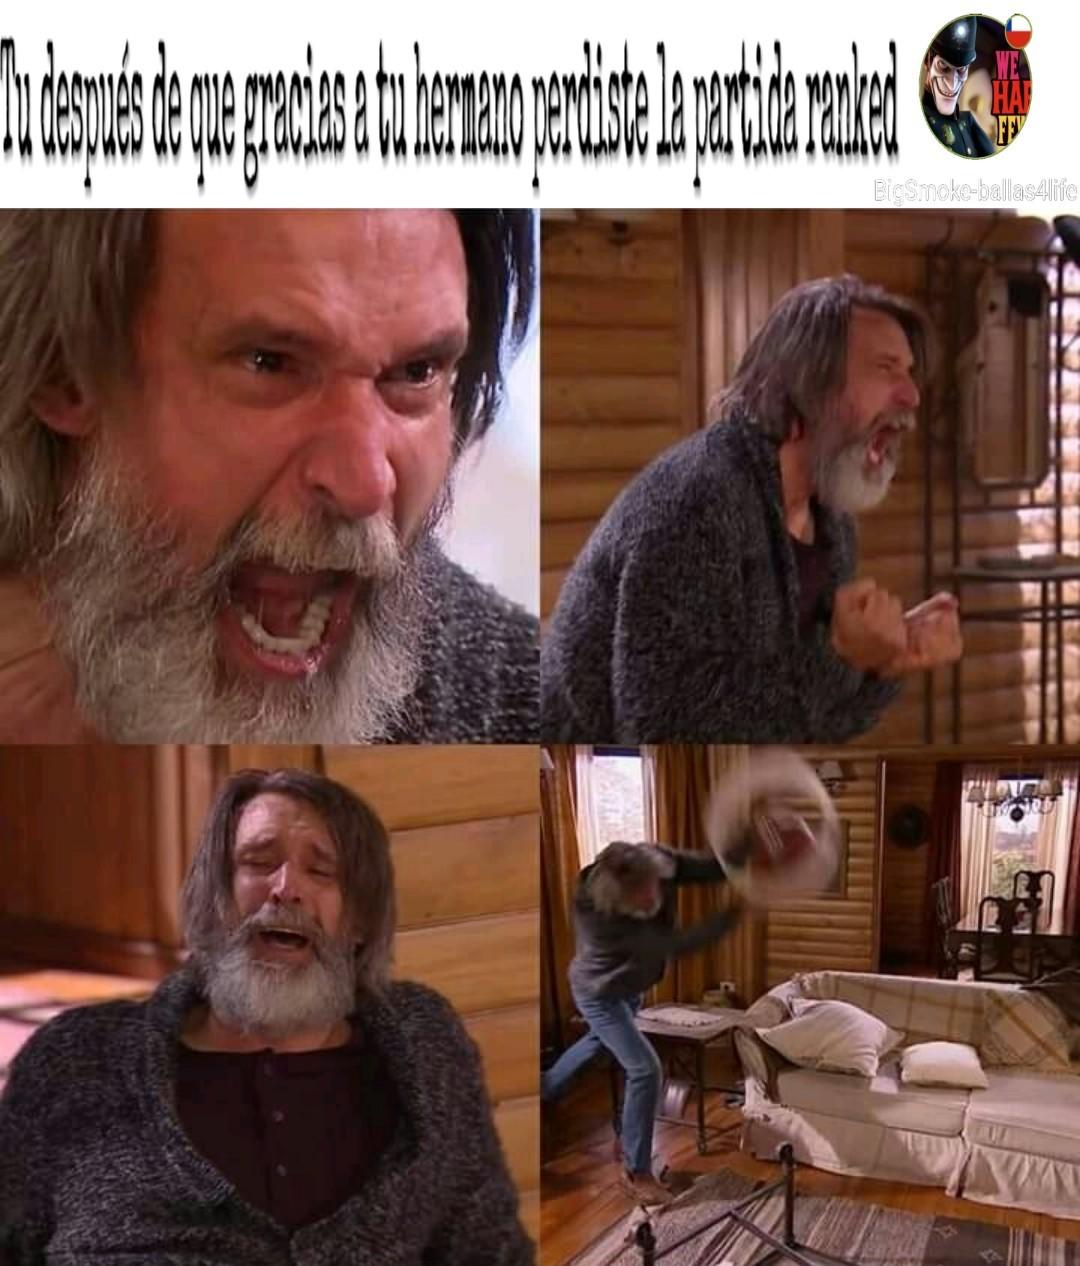 También con la plantilla gratis! - meme